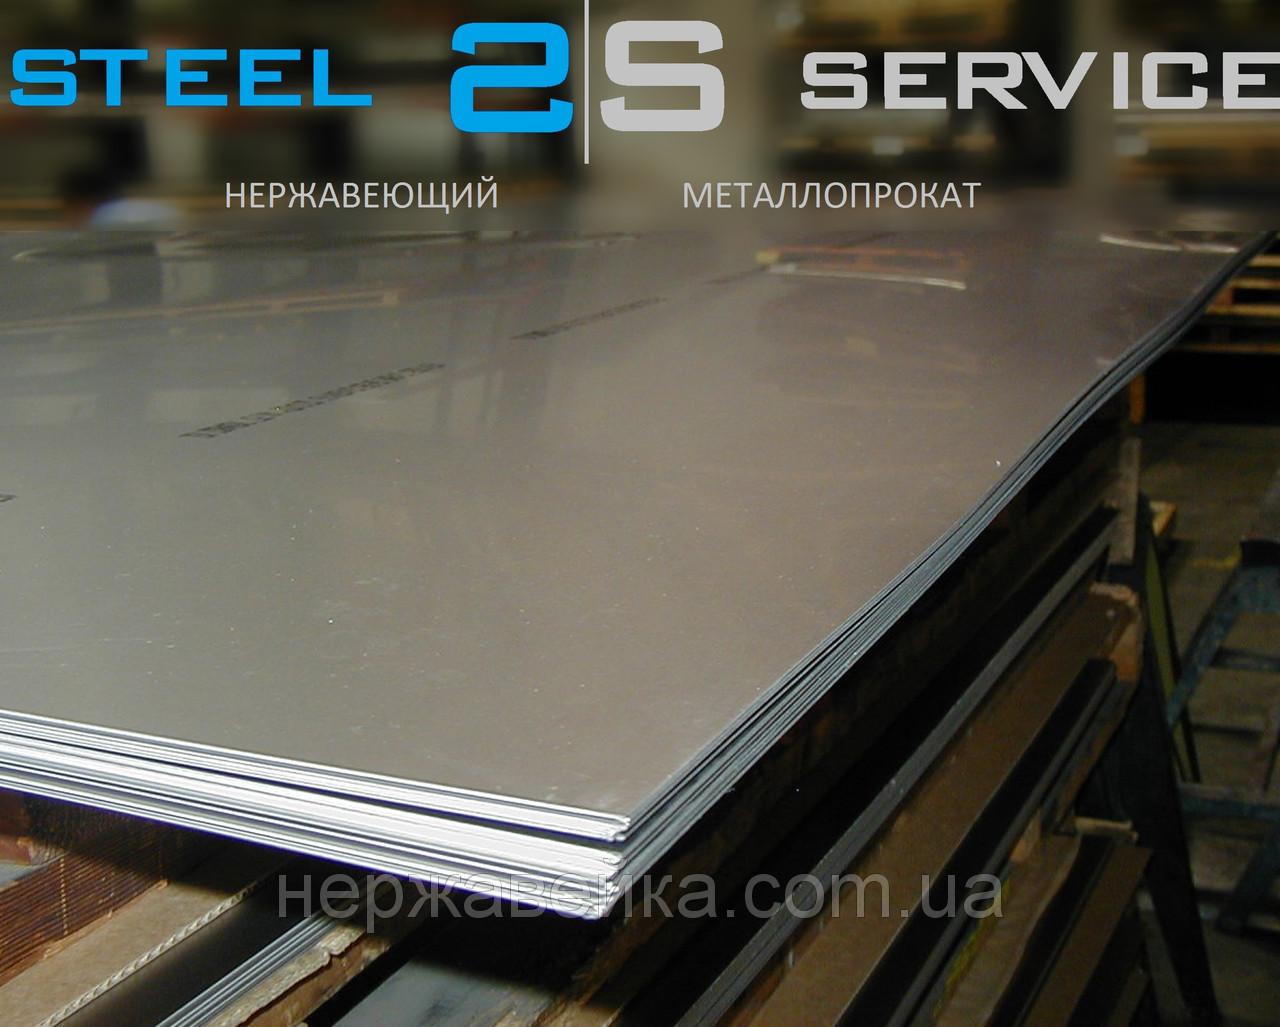 Листовая нержавейка 2х1500х3000мм  AISI 316Ti(10Х17Н13М2Т) BA - зеркало,  кислотостойкий